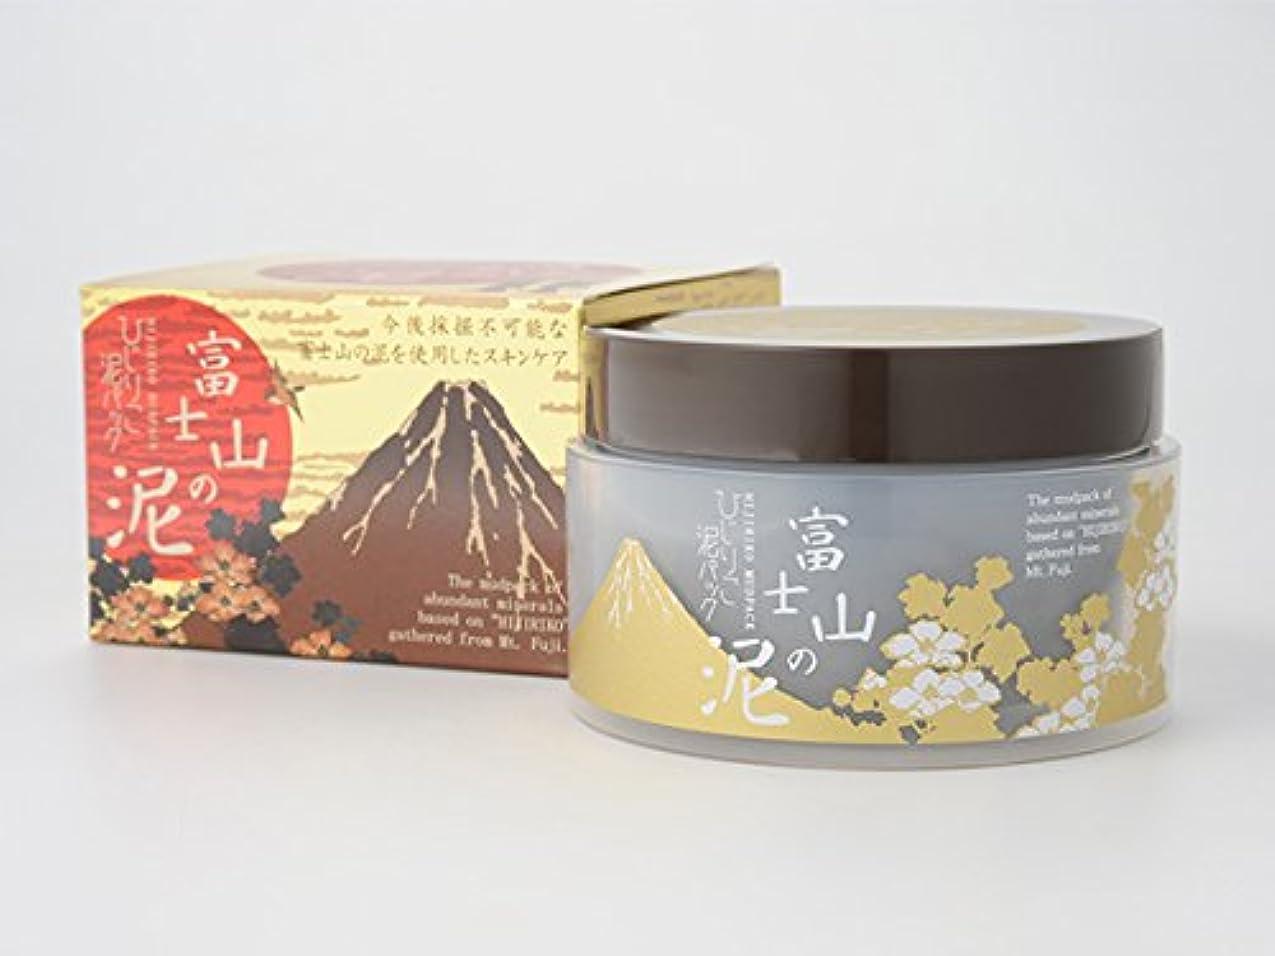 模倣六登場ひじりこ化粧品 ひじりこ泥パックS 富士山の泥 120g